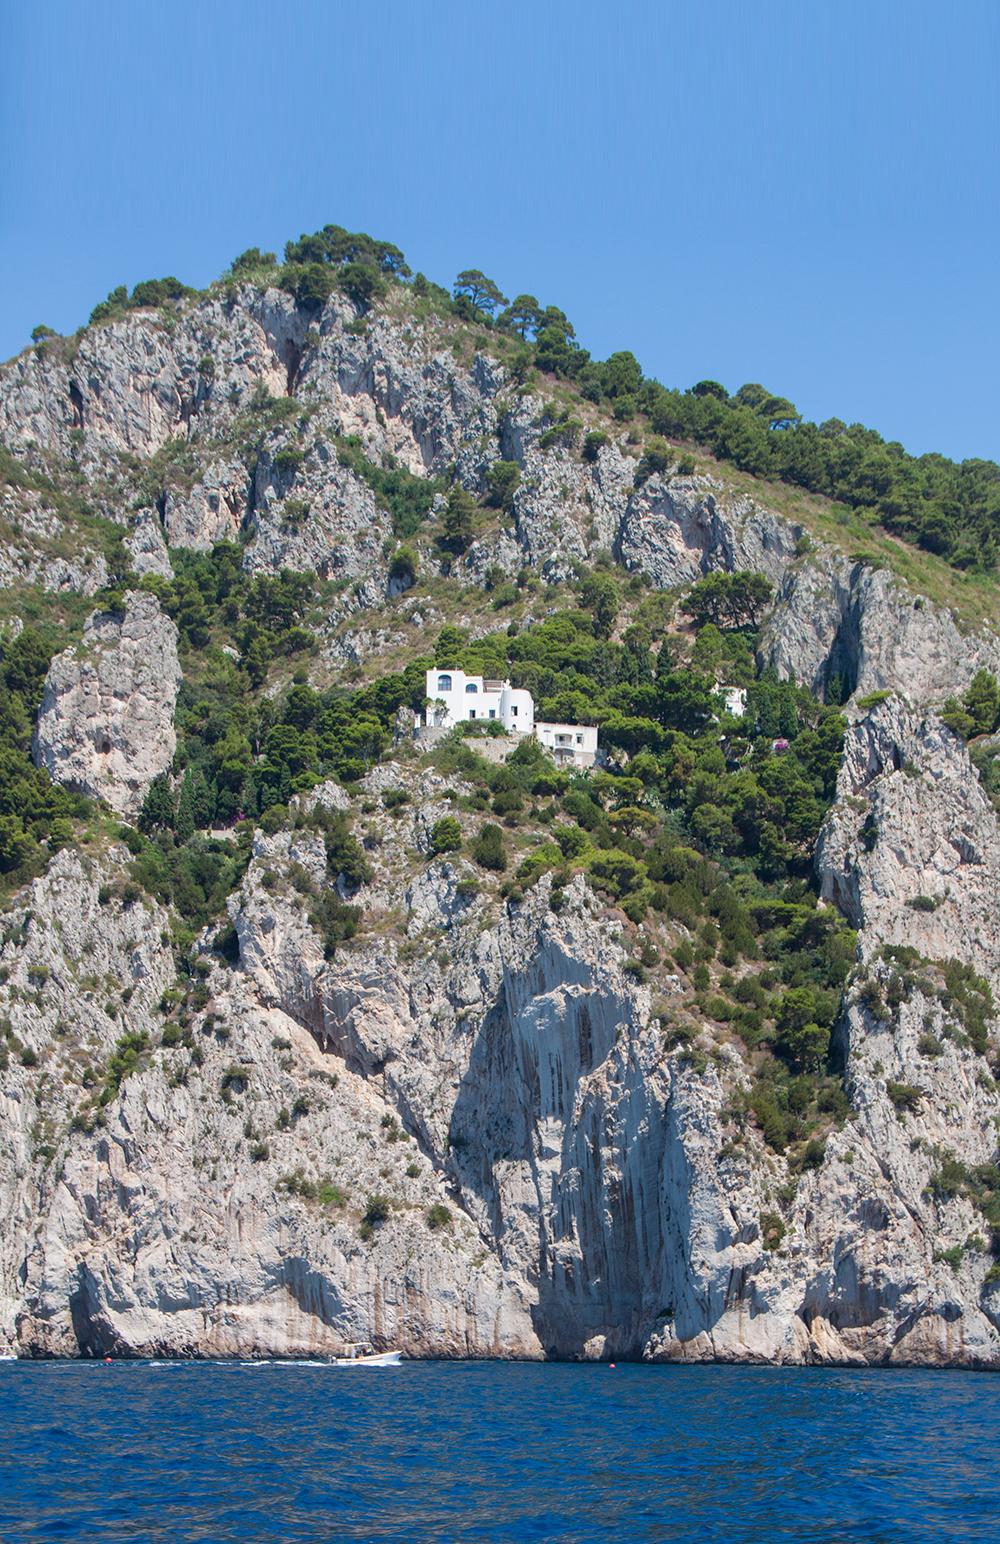 Capri – moni kakku päältä kaunis.